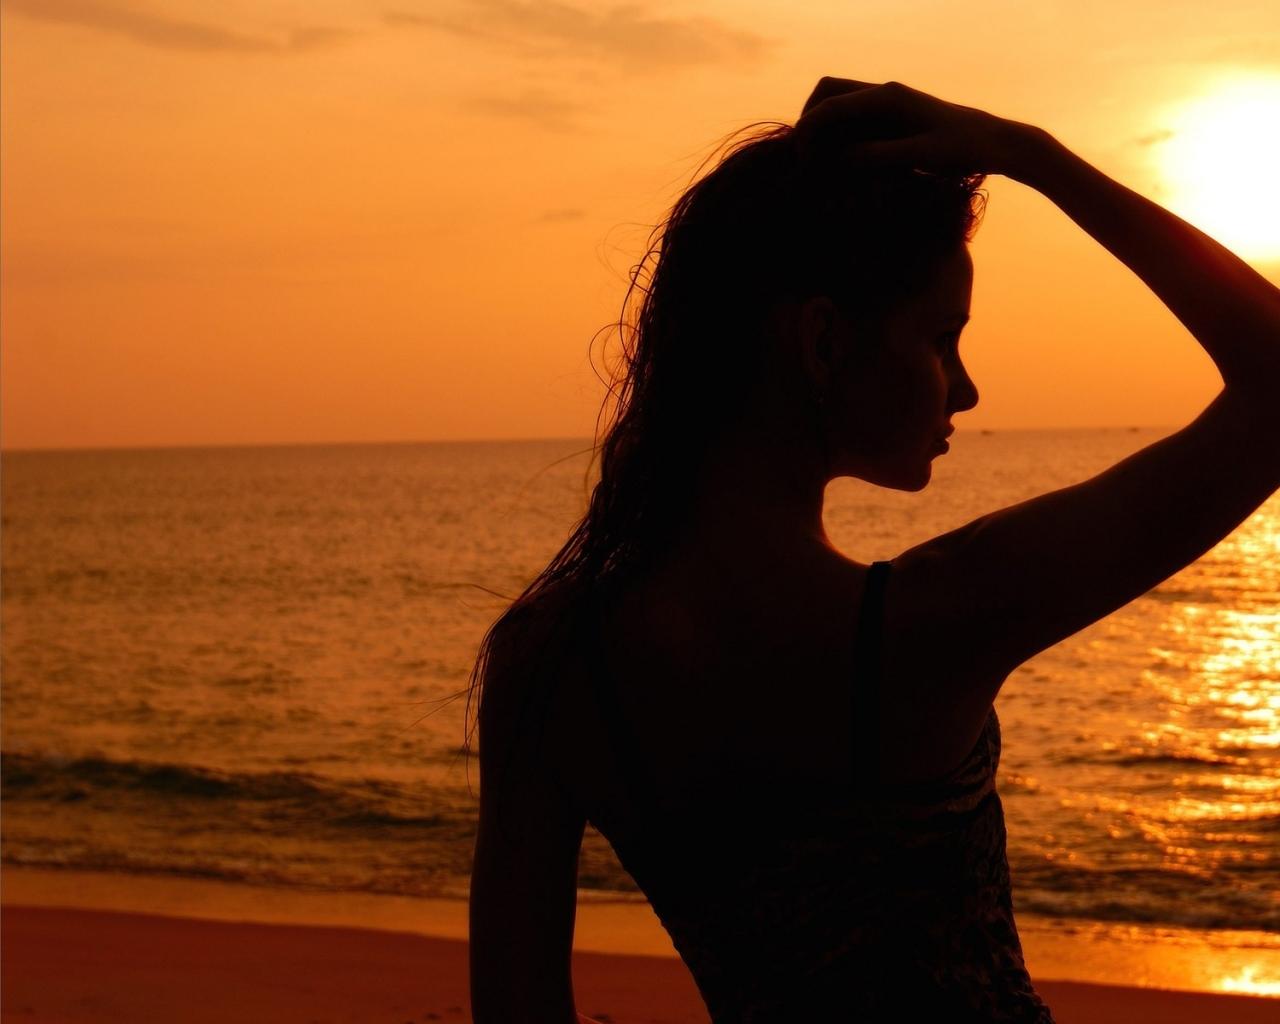 sunset beach silhouette 1920x1200 wallpaper Wallpaper 1280x1024